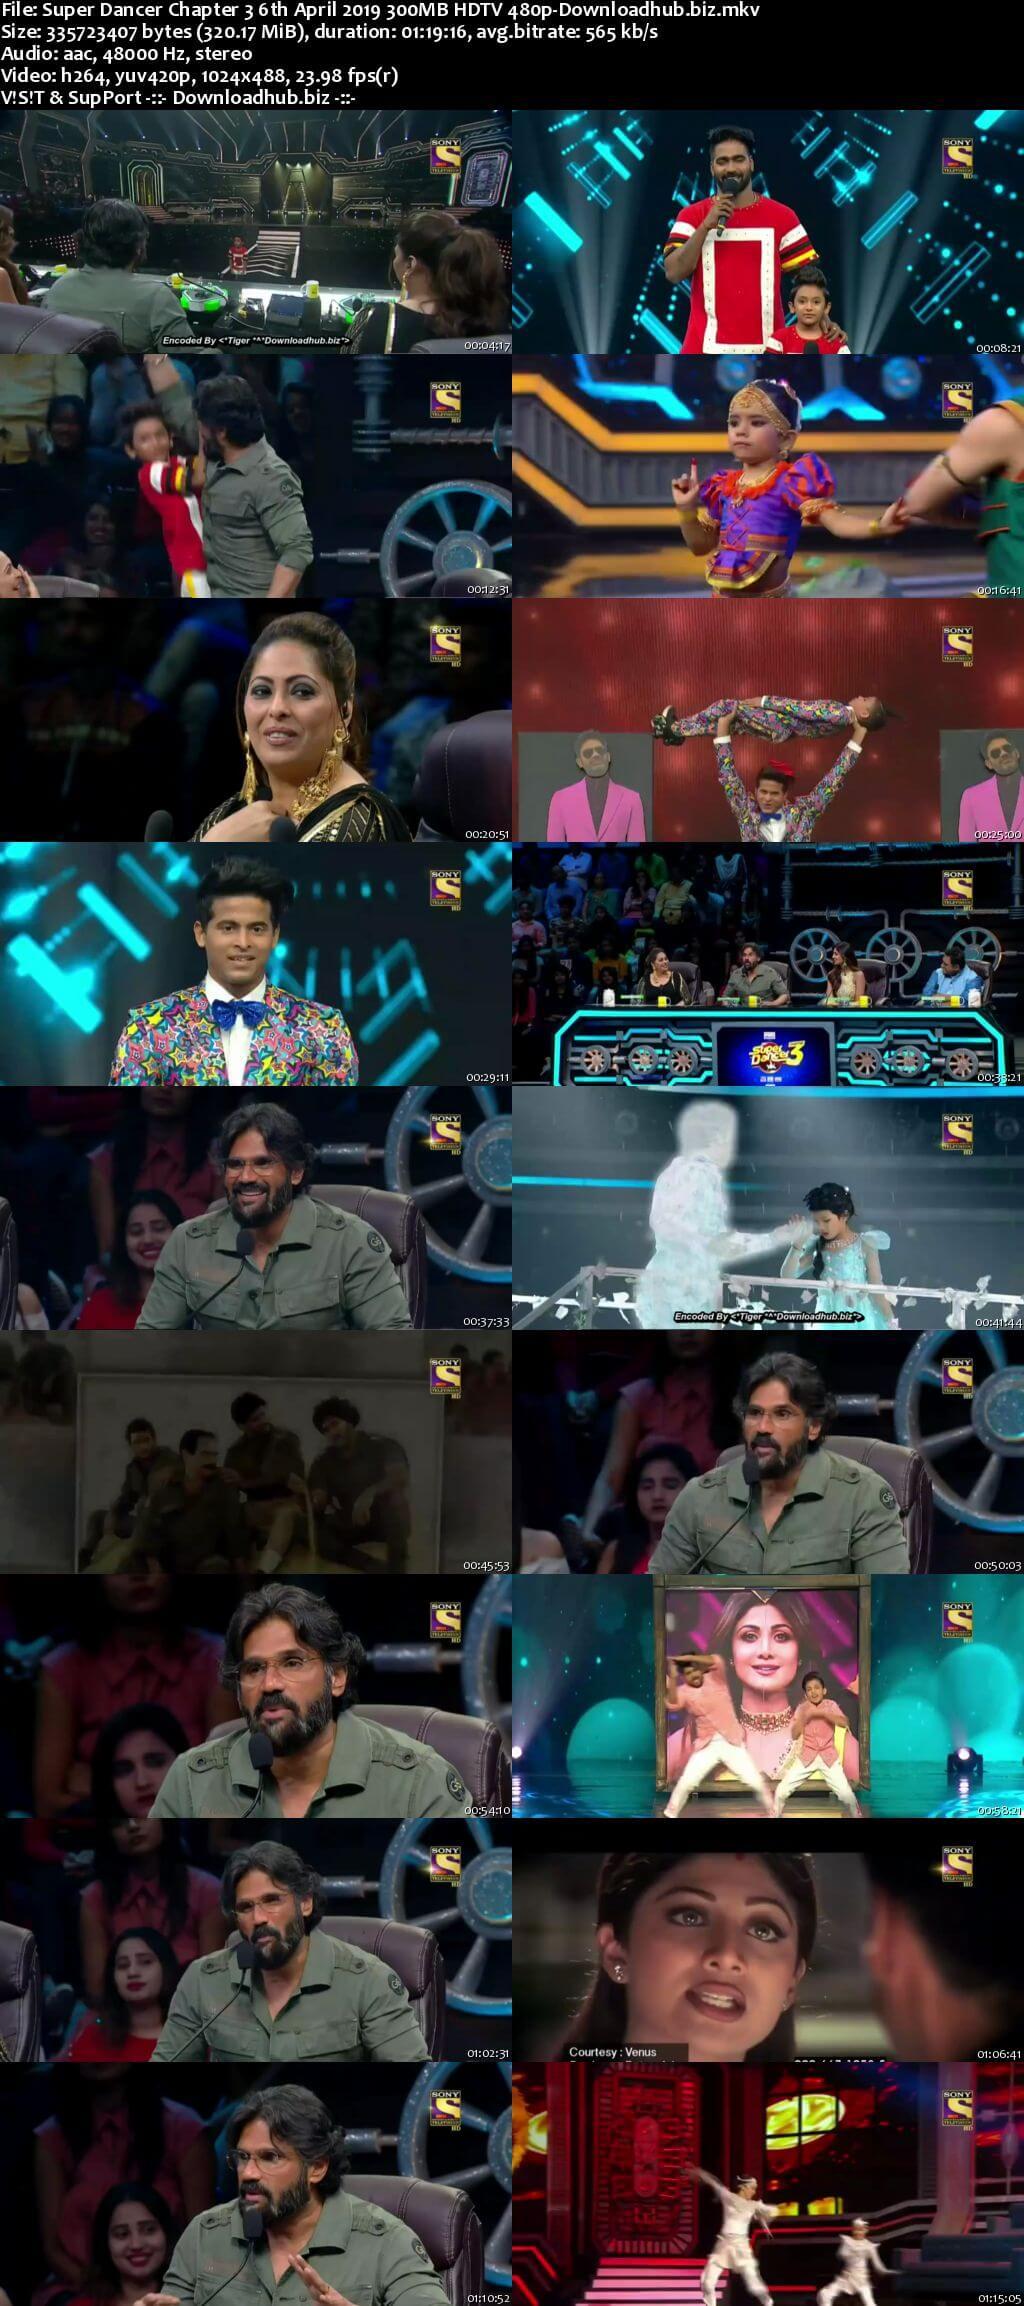 Super Dancer Chapter 3 06 April 2019 Episode 29 HDTV 480p